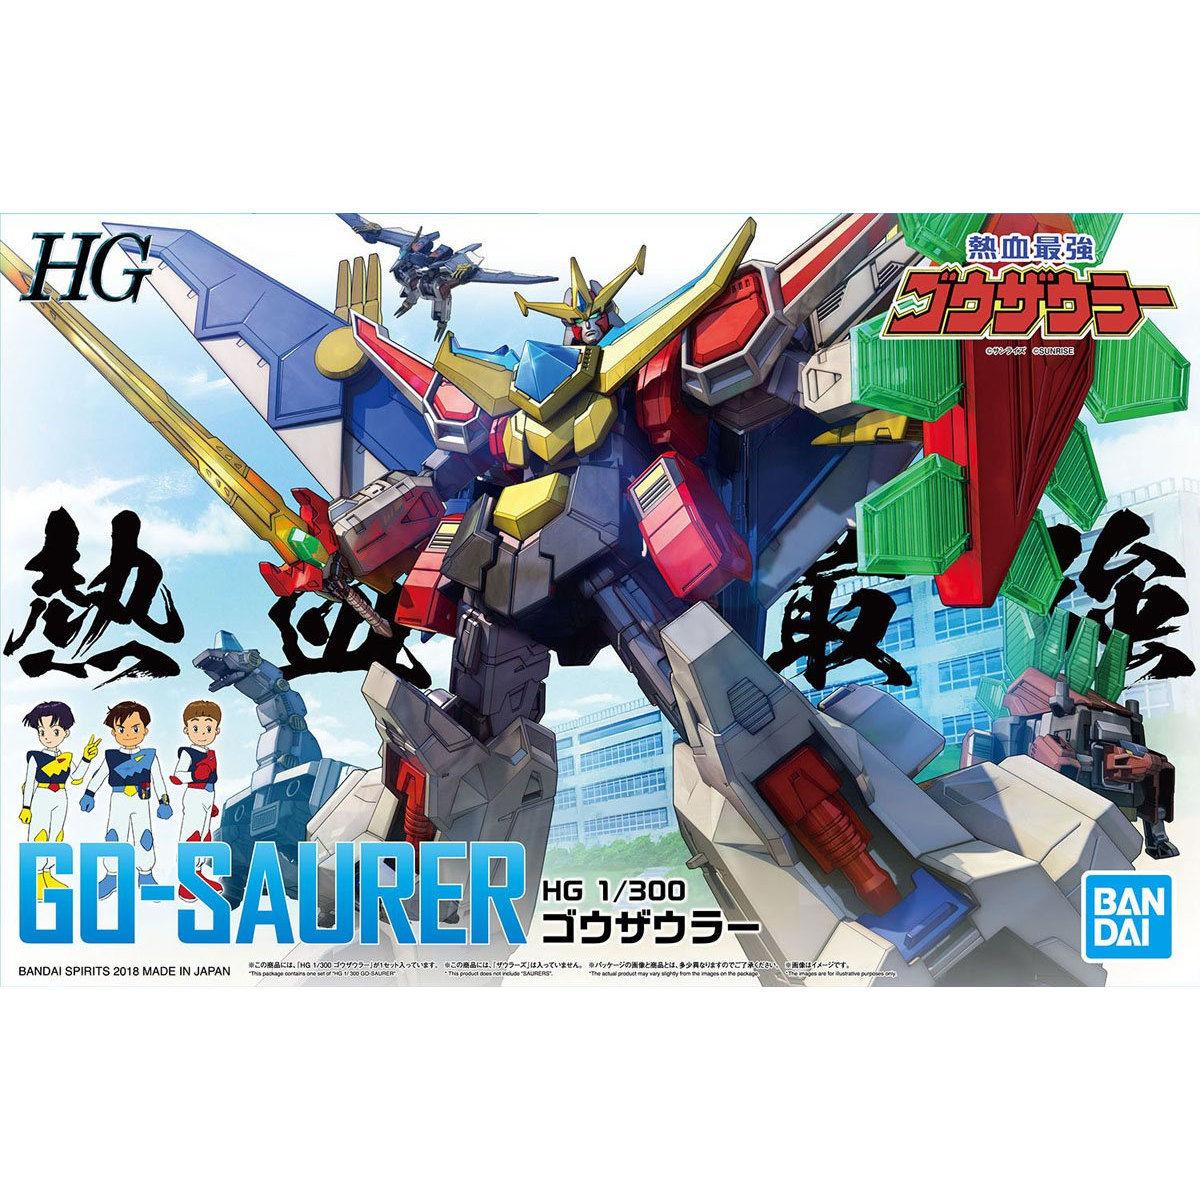 HG 1/300『ゴウザウラー|熱血最強ゴウザウラー』プラモデル-011